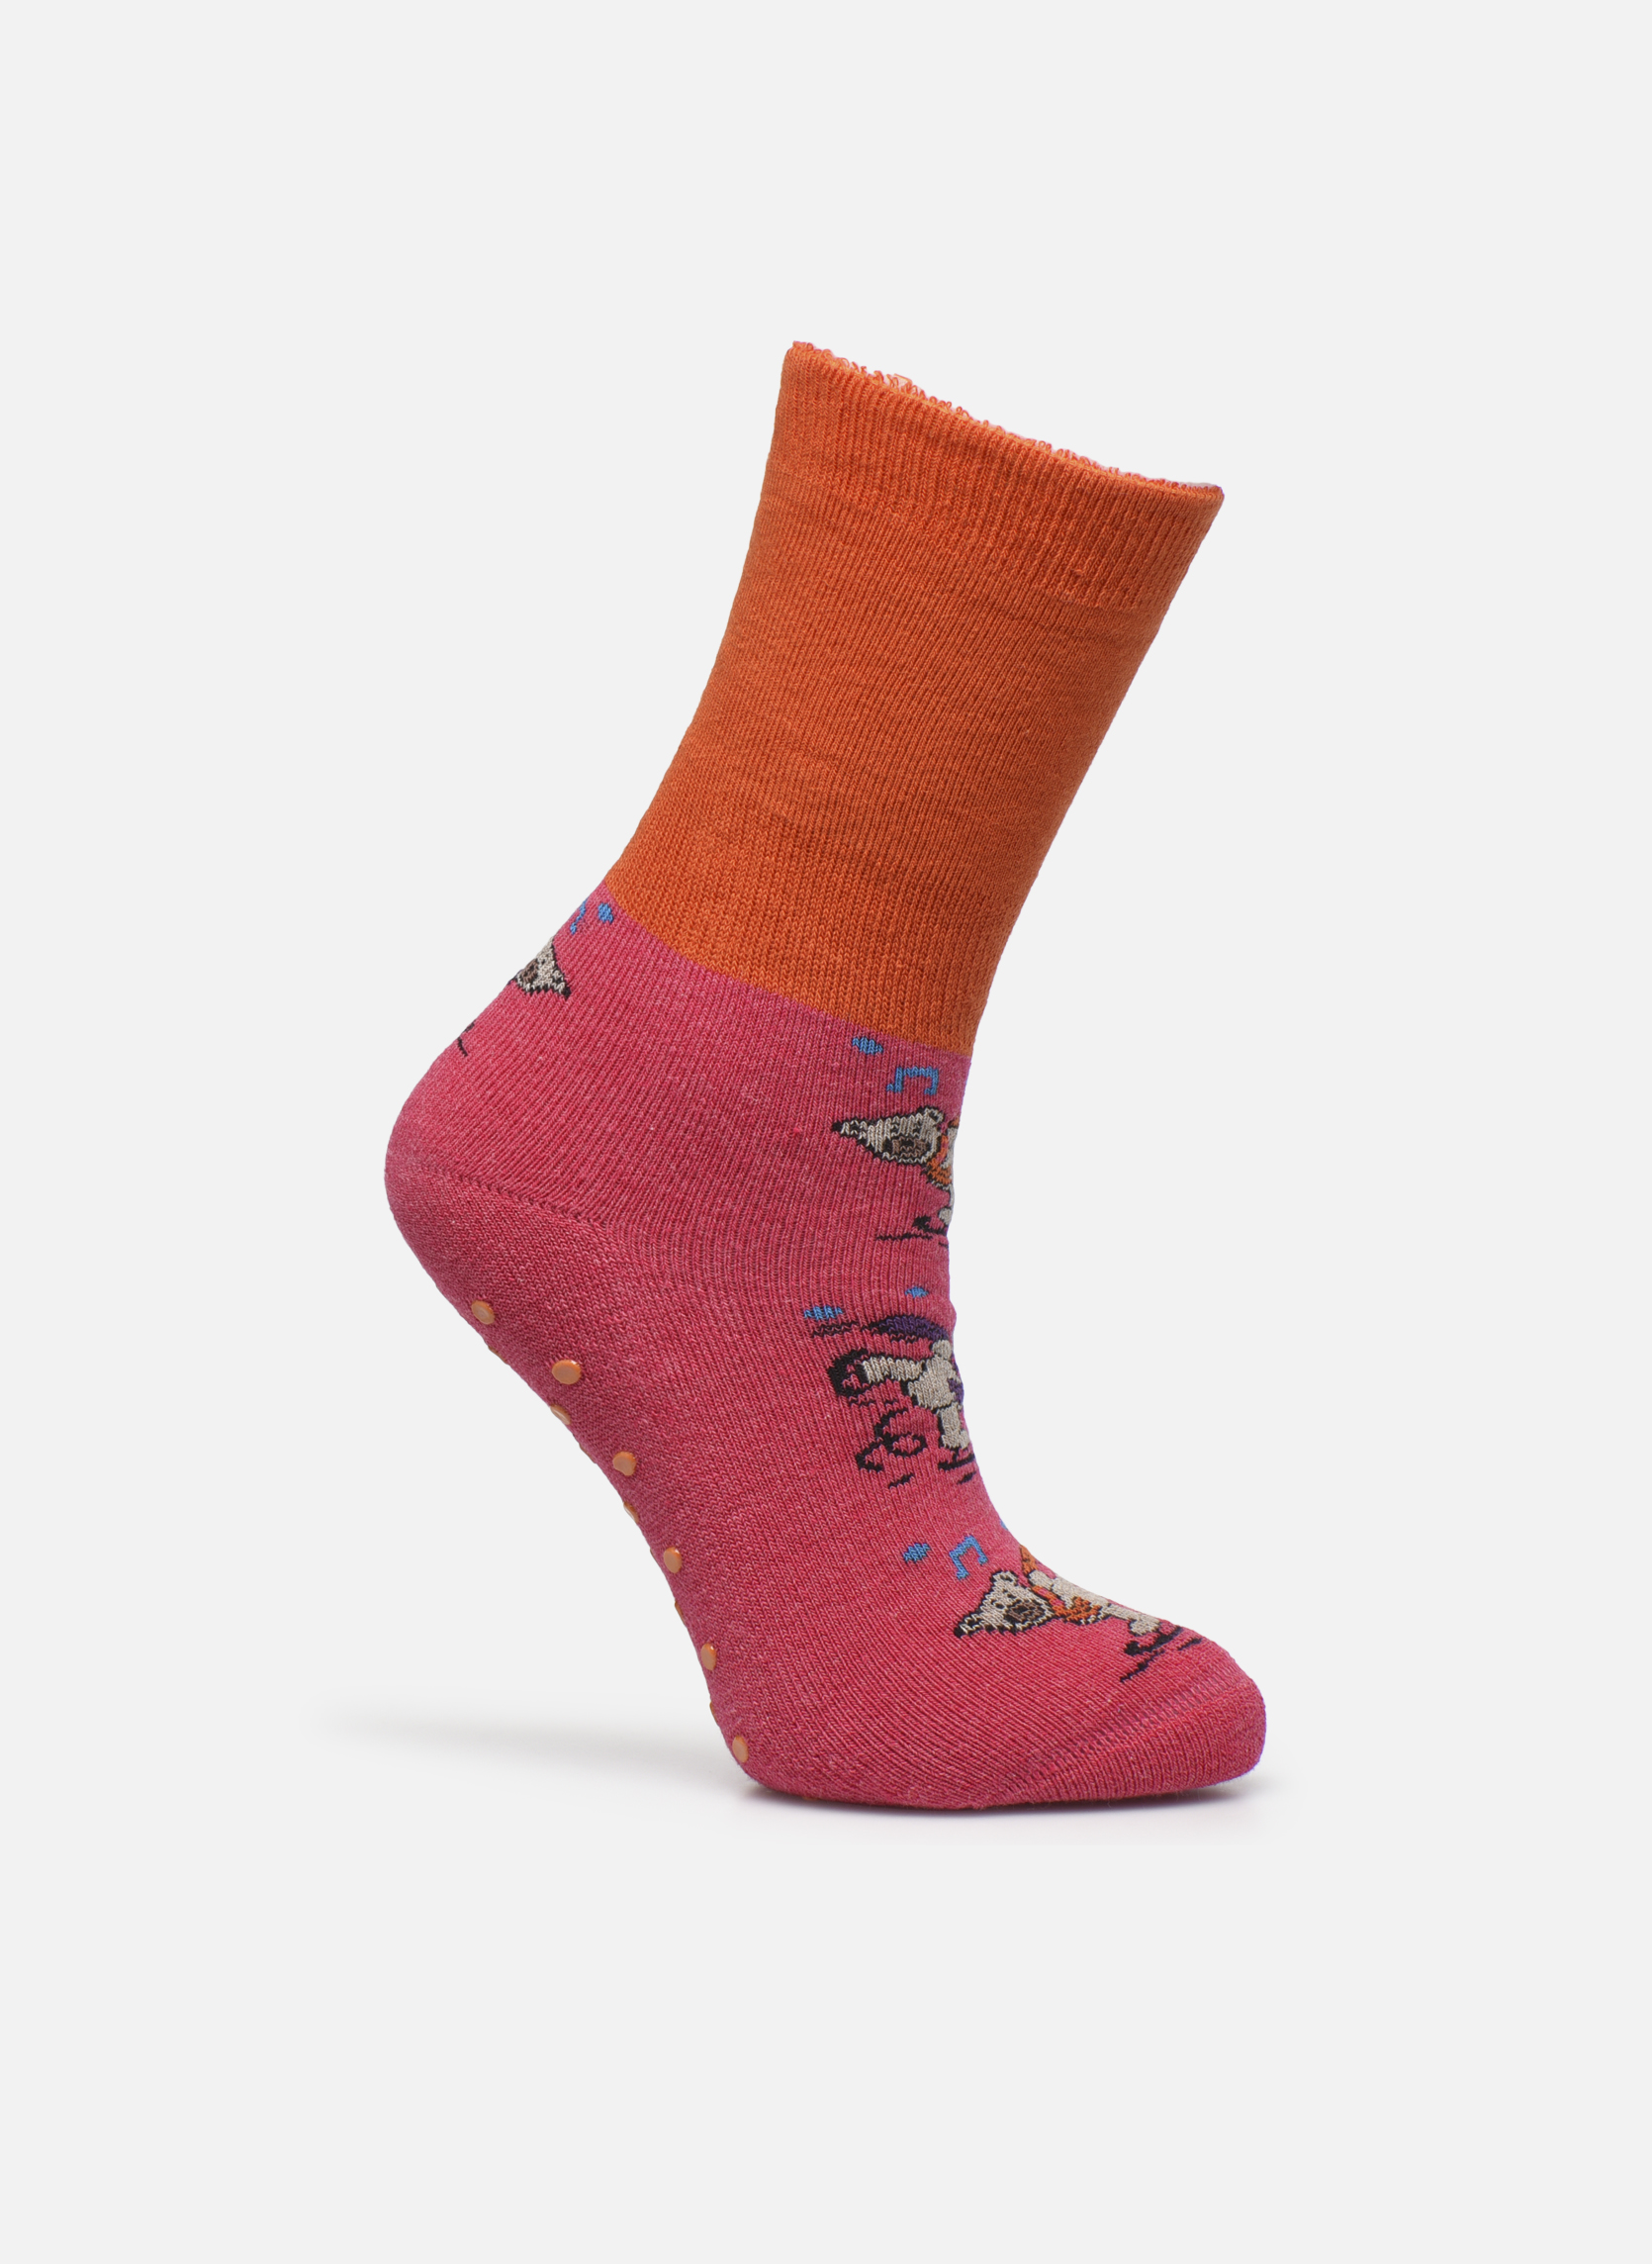 Chaussons-chaussettes Enfant Coton Anti-dérapants Ours